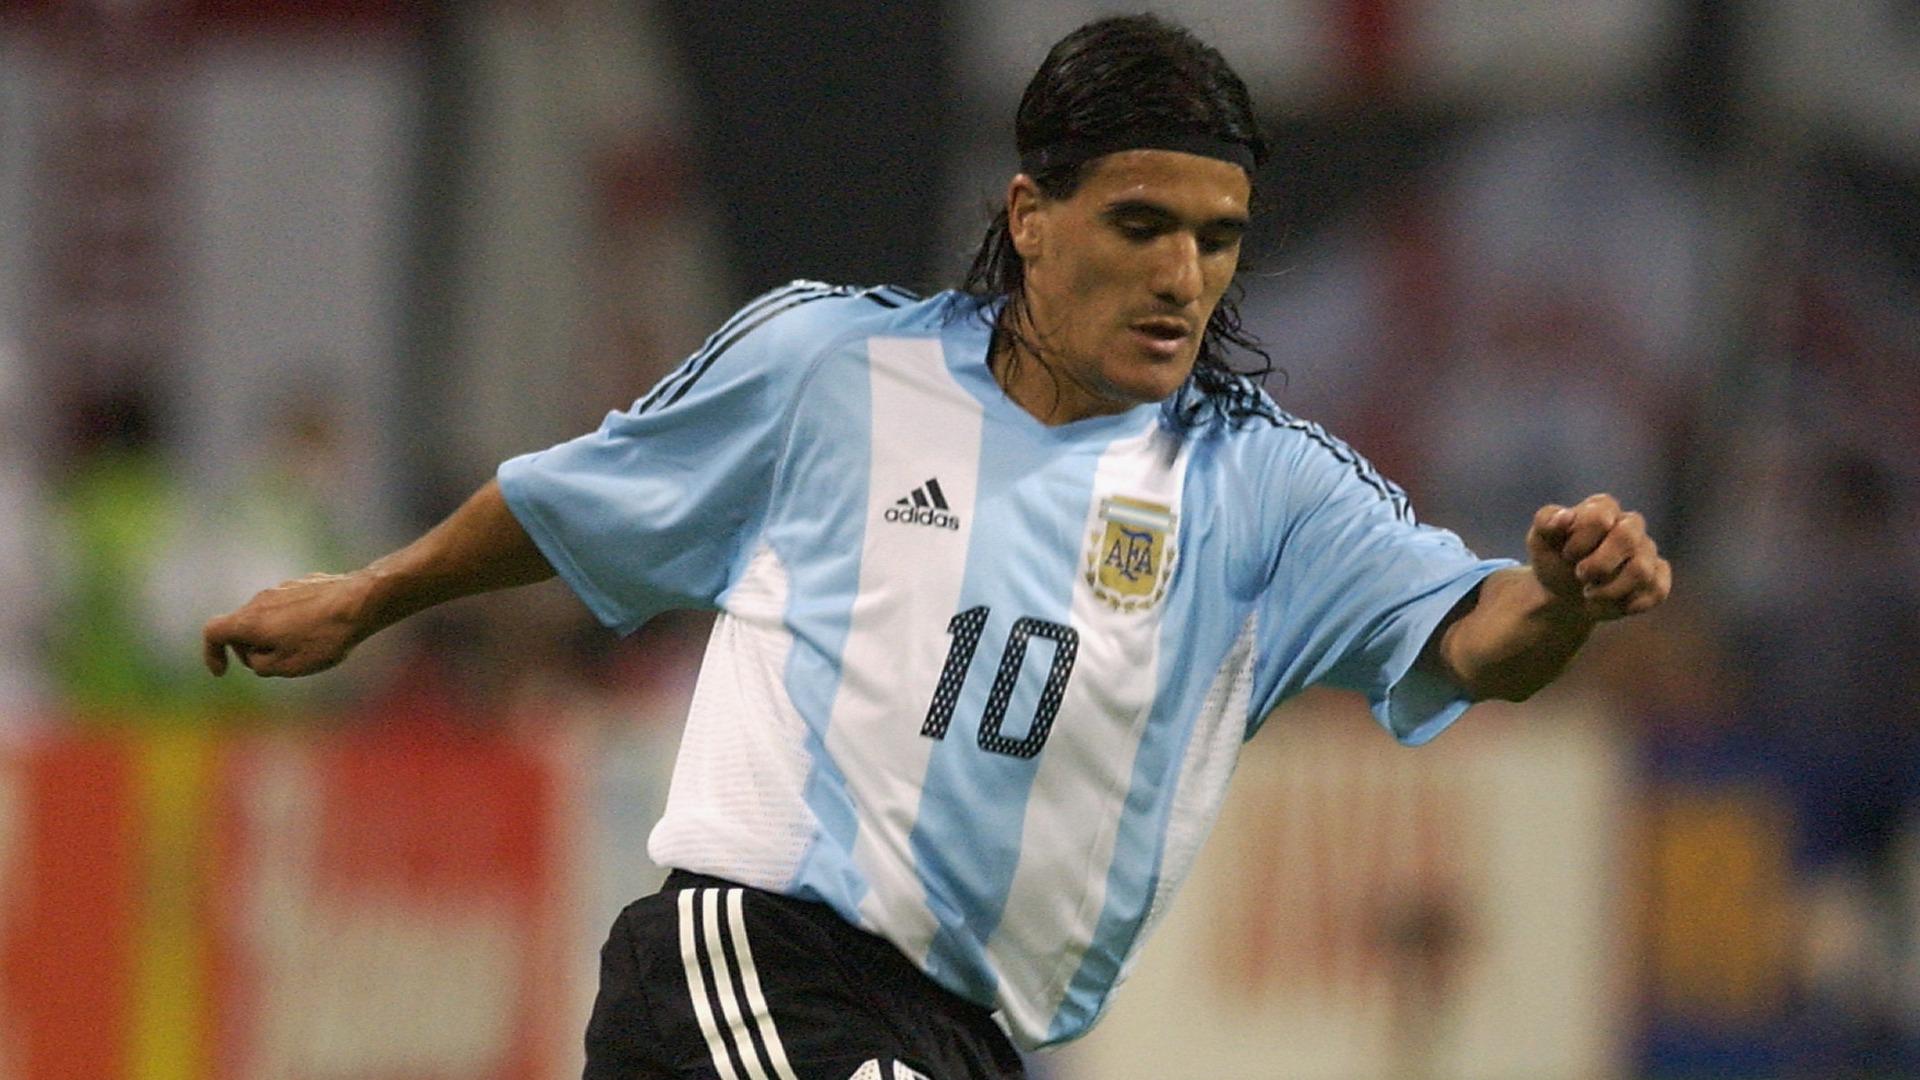 Facebook: Messi y los graciosos memes del Argentina vs. Italia